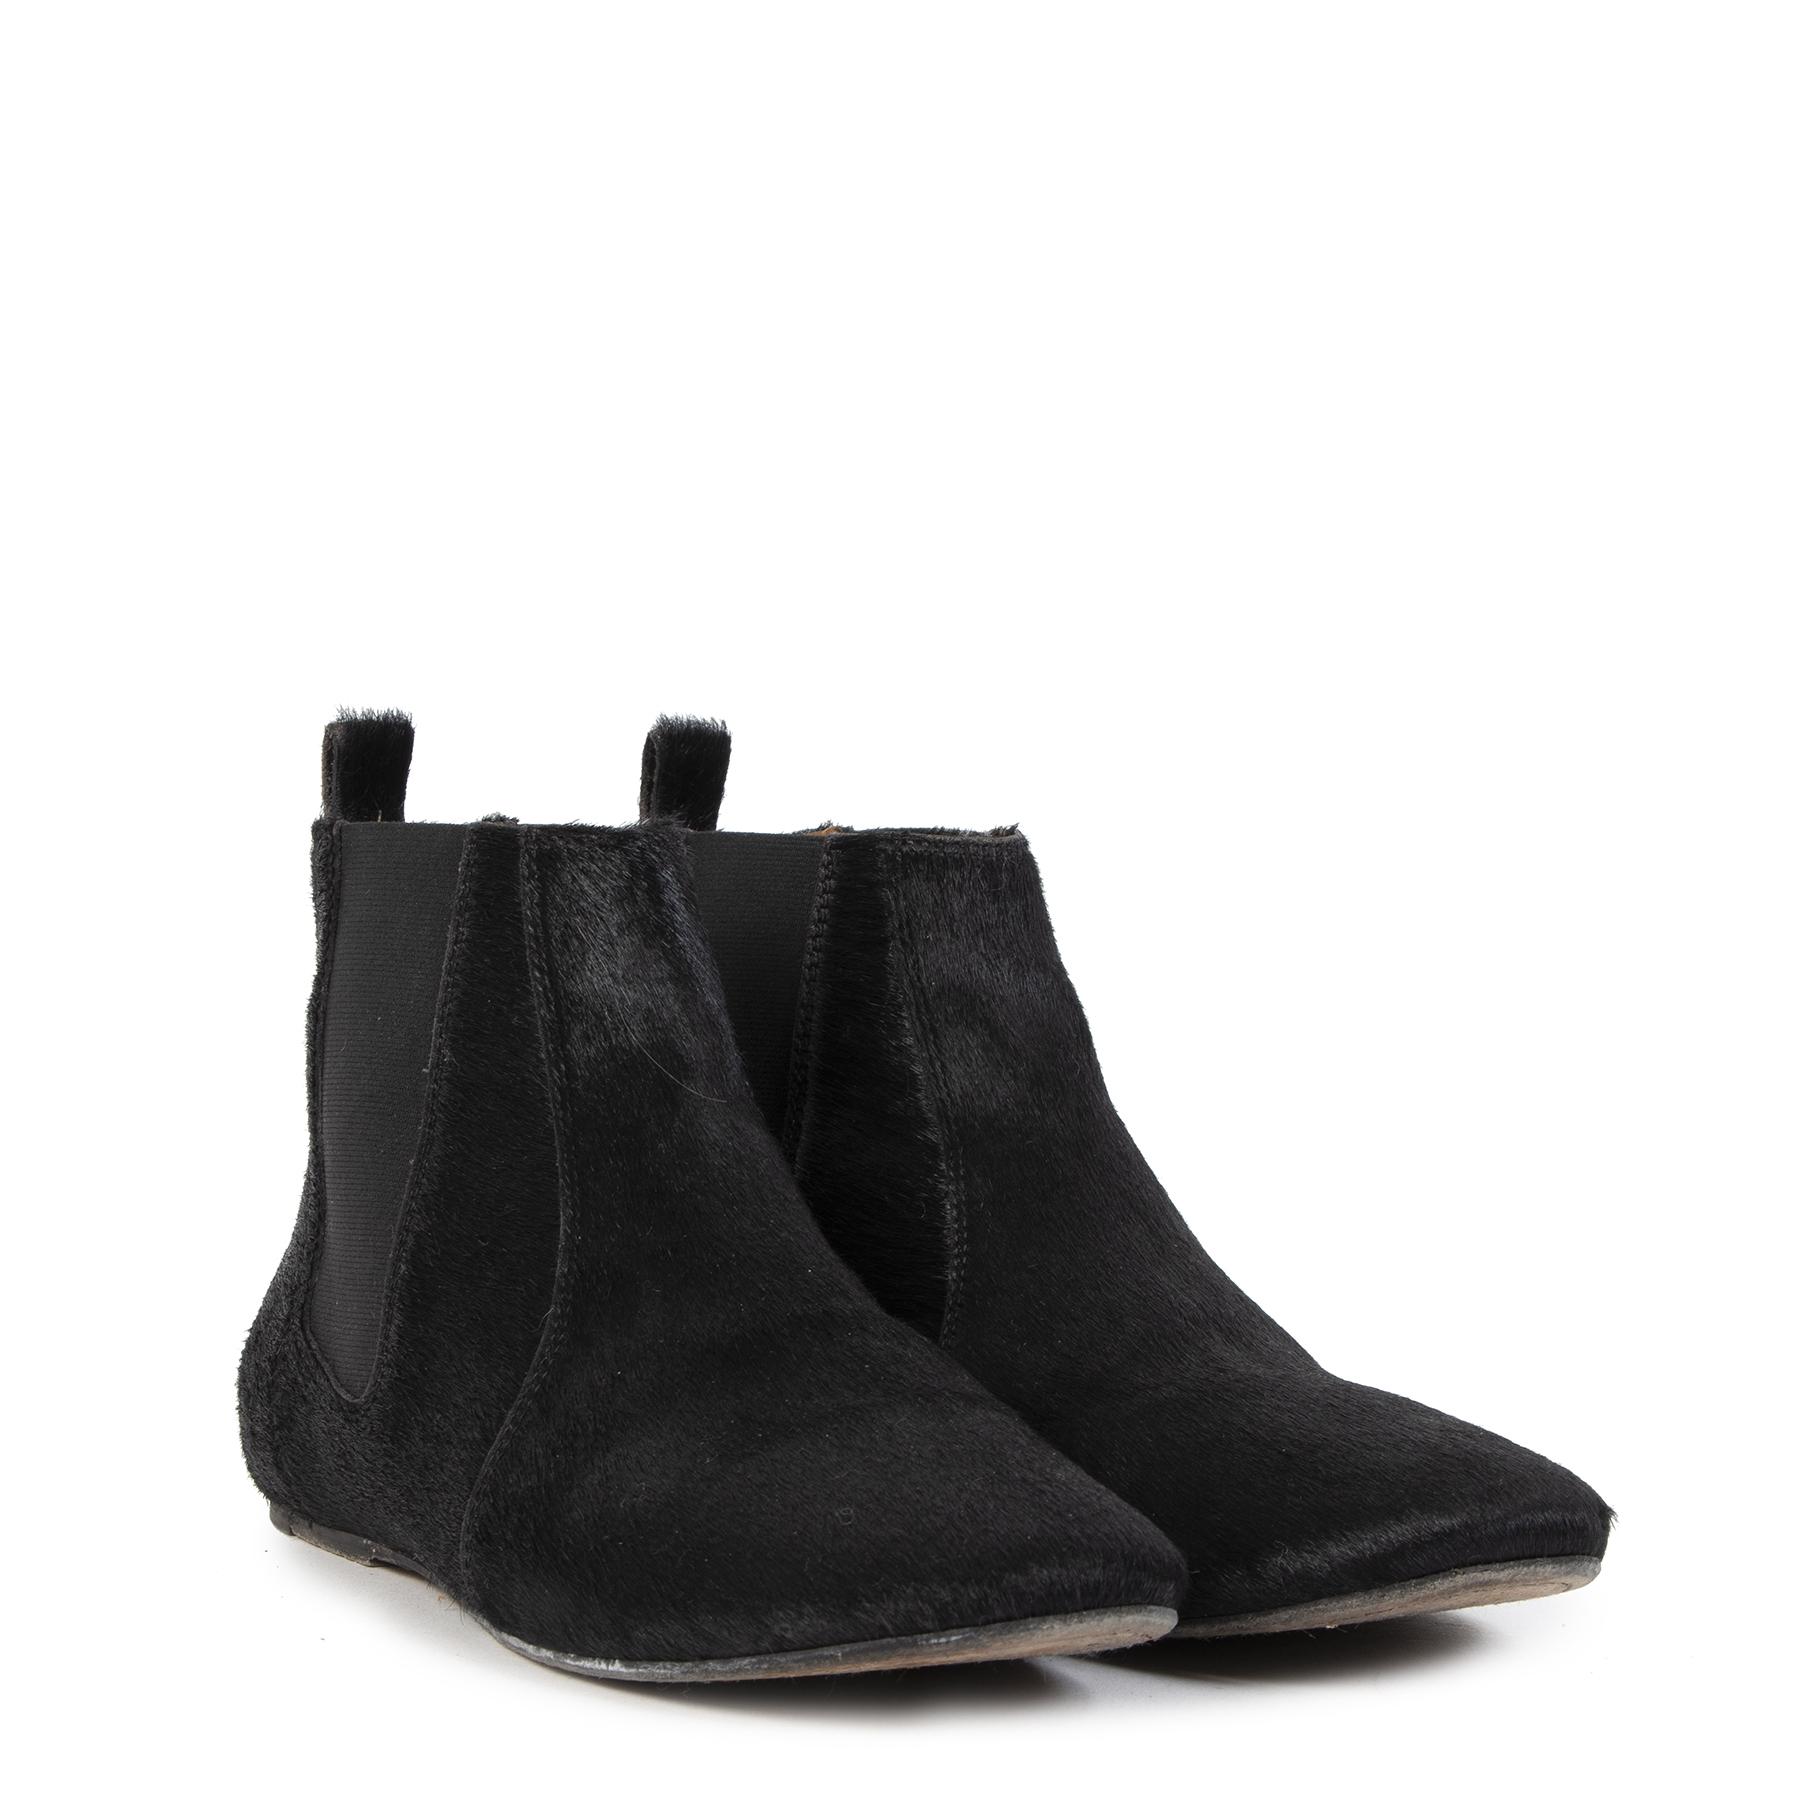 Koop authentieke tweedehands Isabel Marant schoenen bij LabelLOV Antwerpen